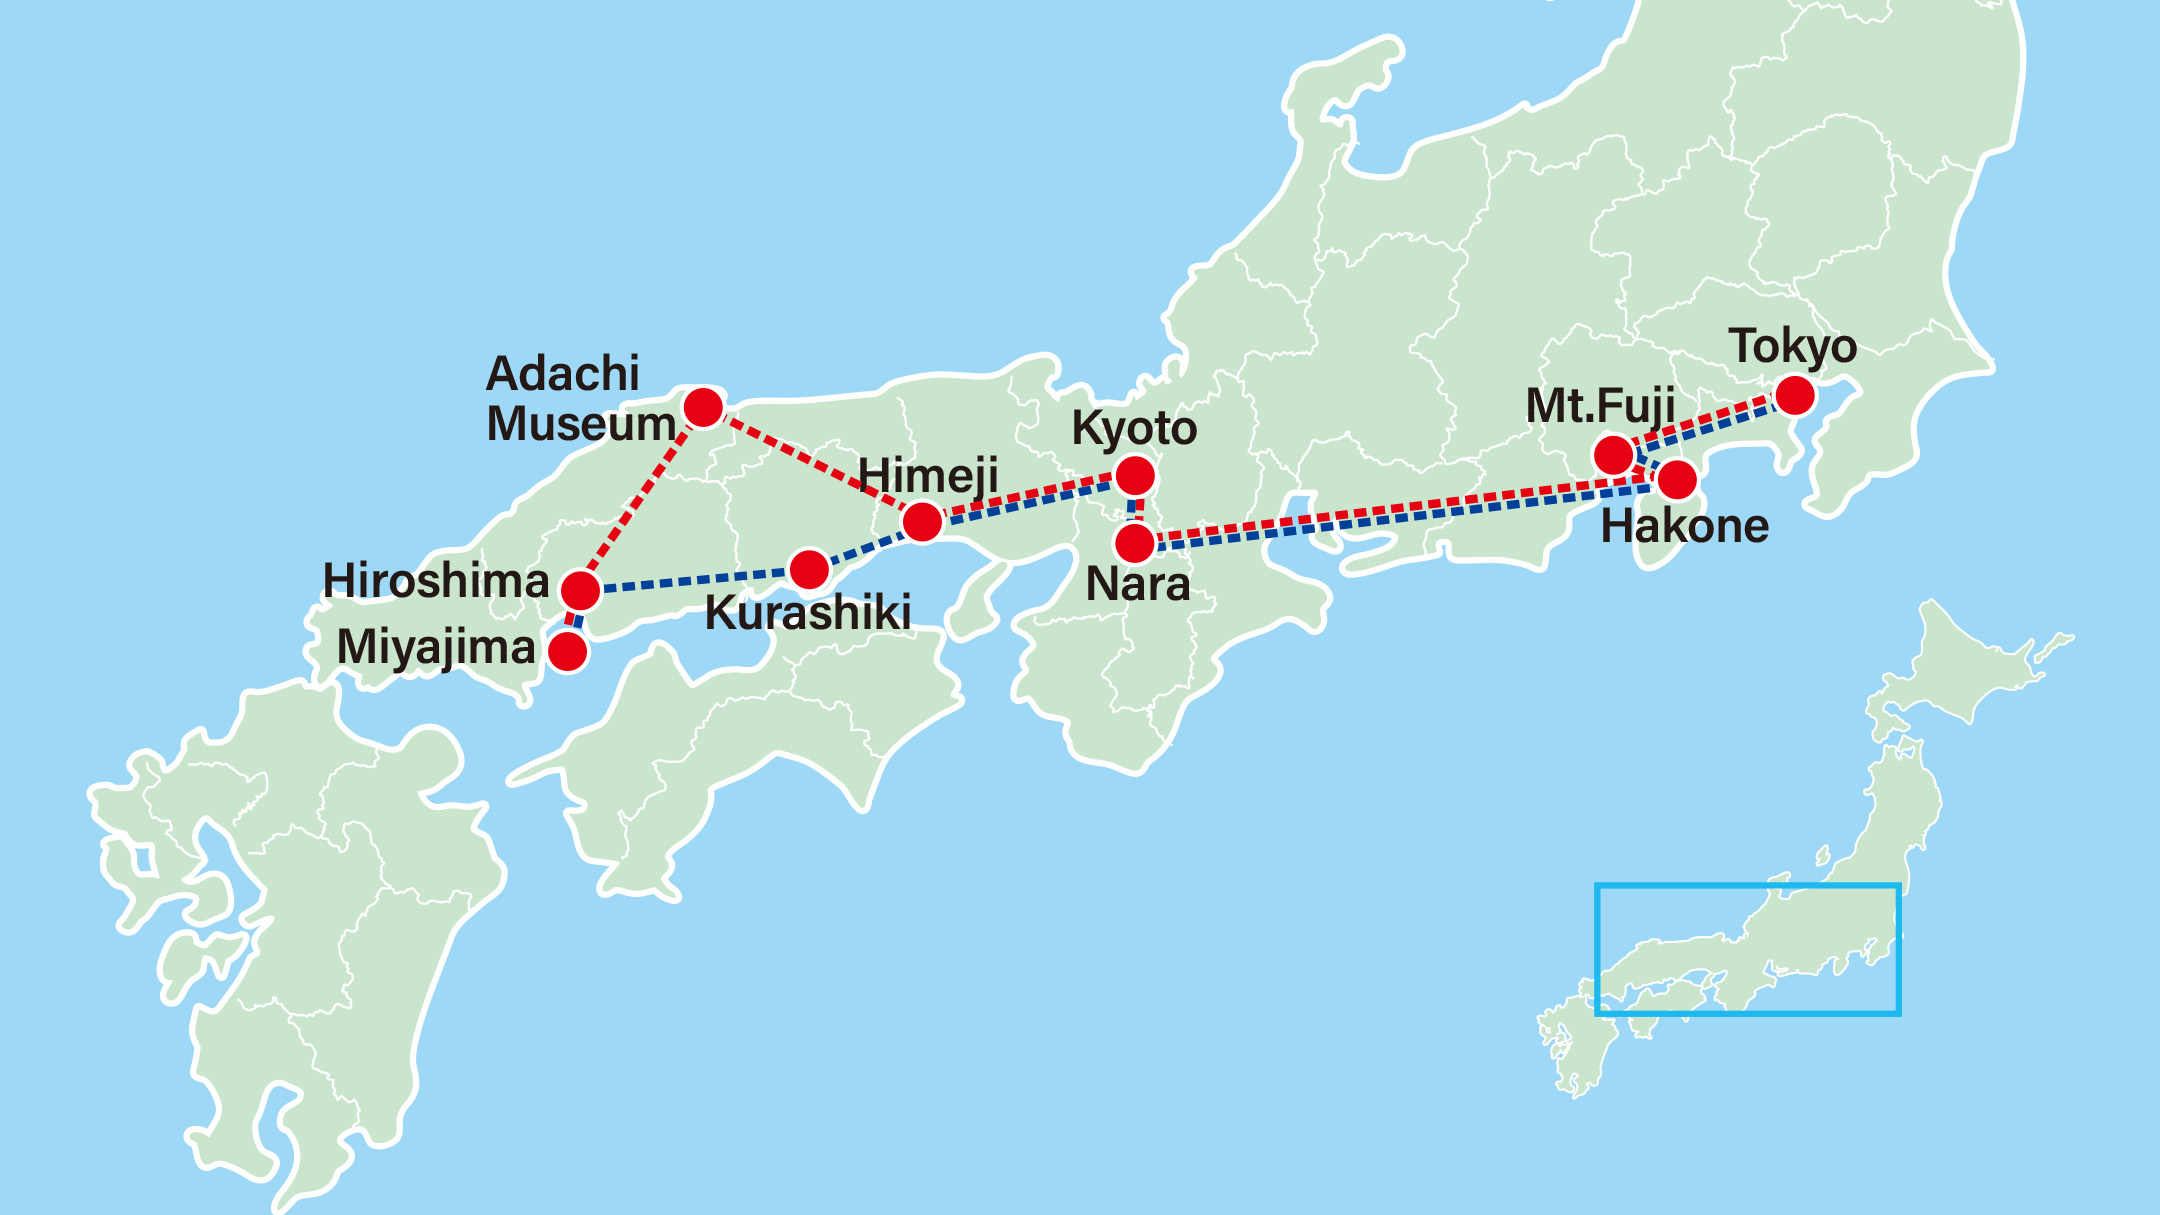 Highlights of Japan 9 Days-Tokyo-Yokohama-Mt Fuji-Hakone-Nara-Kyoto-Himeji-Kurashiki-Adachi Museum-Hiroshima-Miyajima